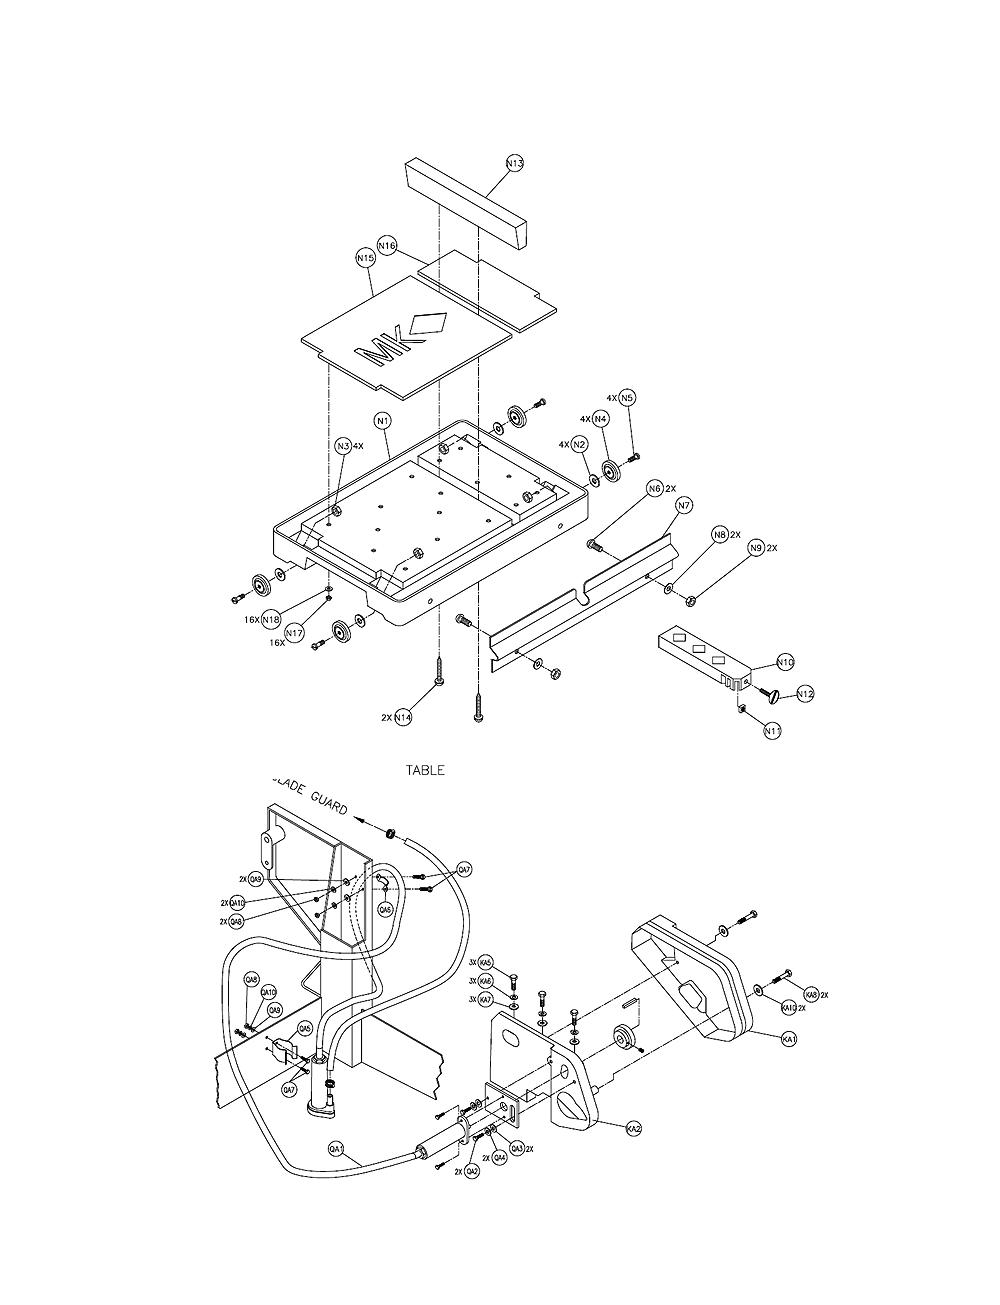 MK-5009G-MK-Diamond-PB-3Break Down